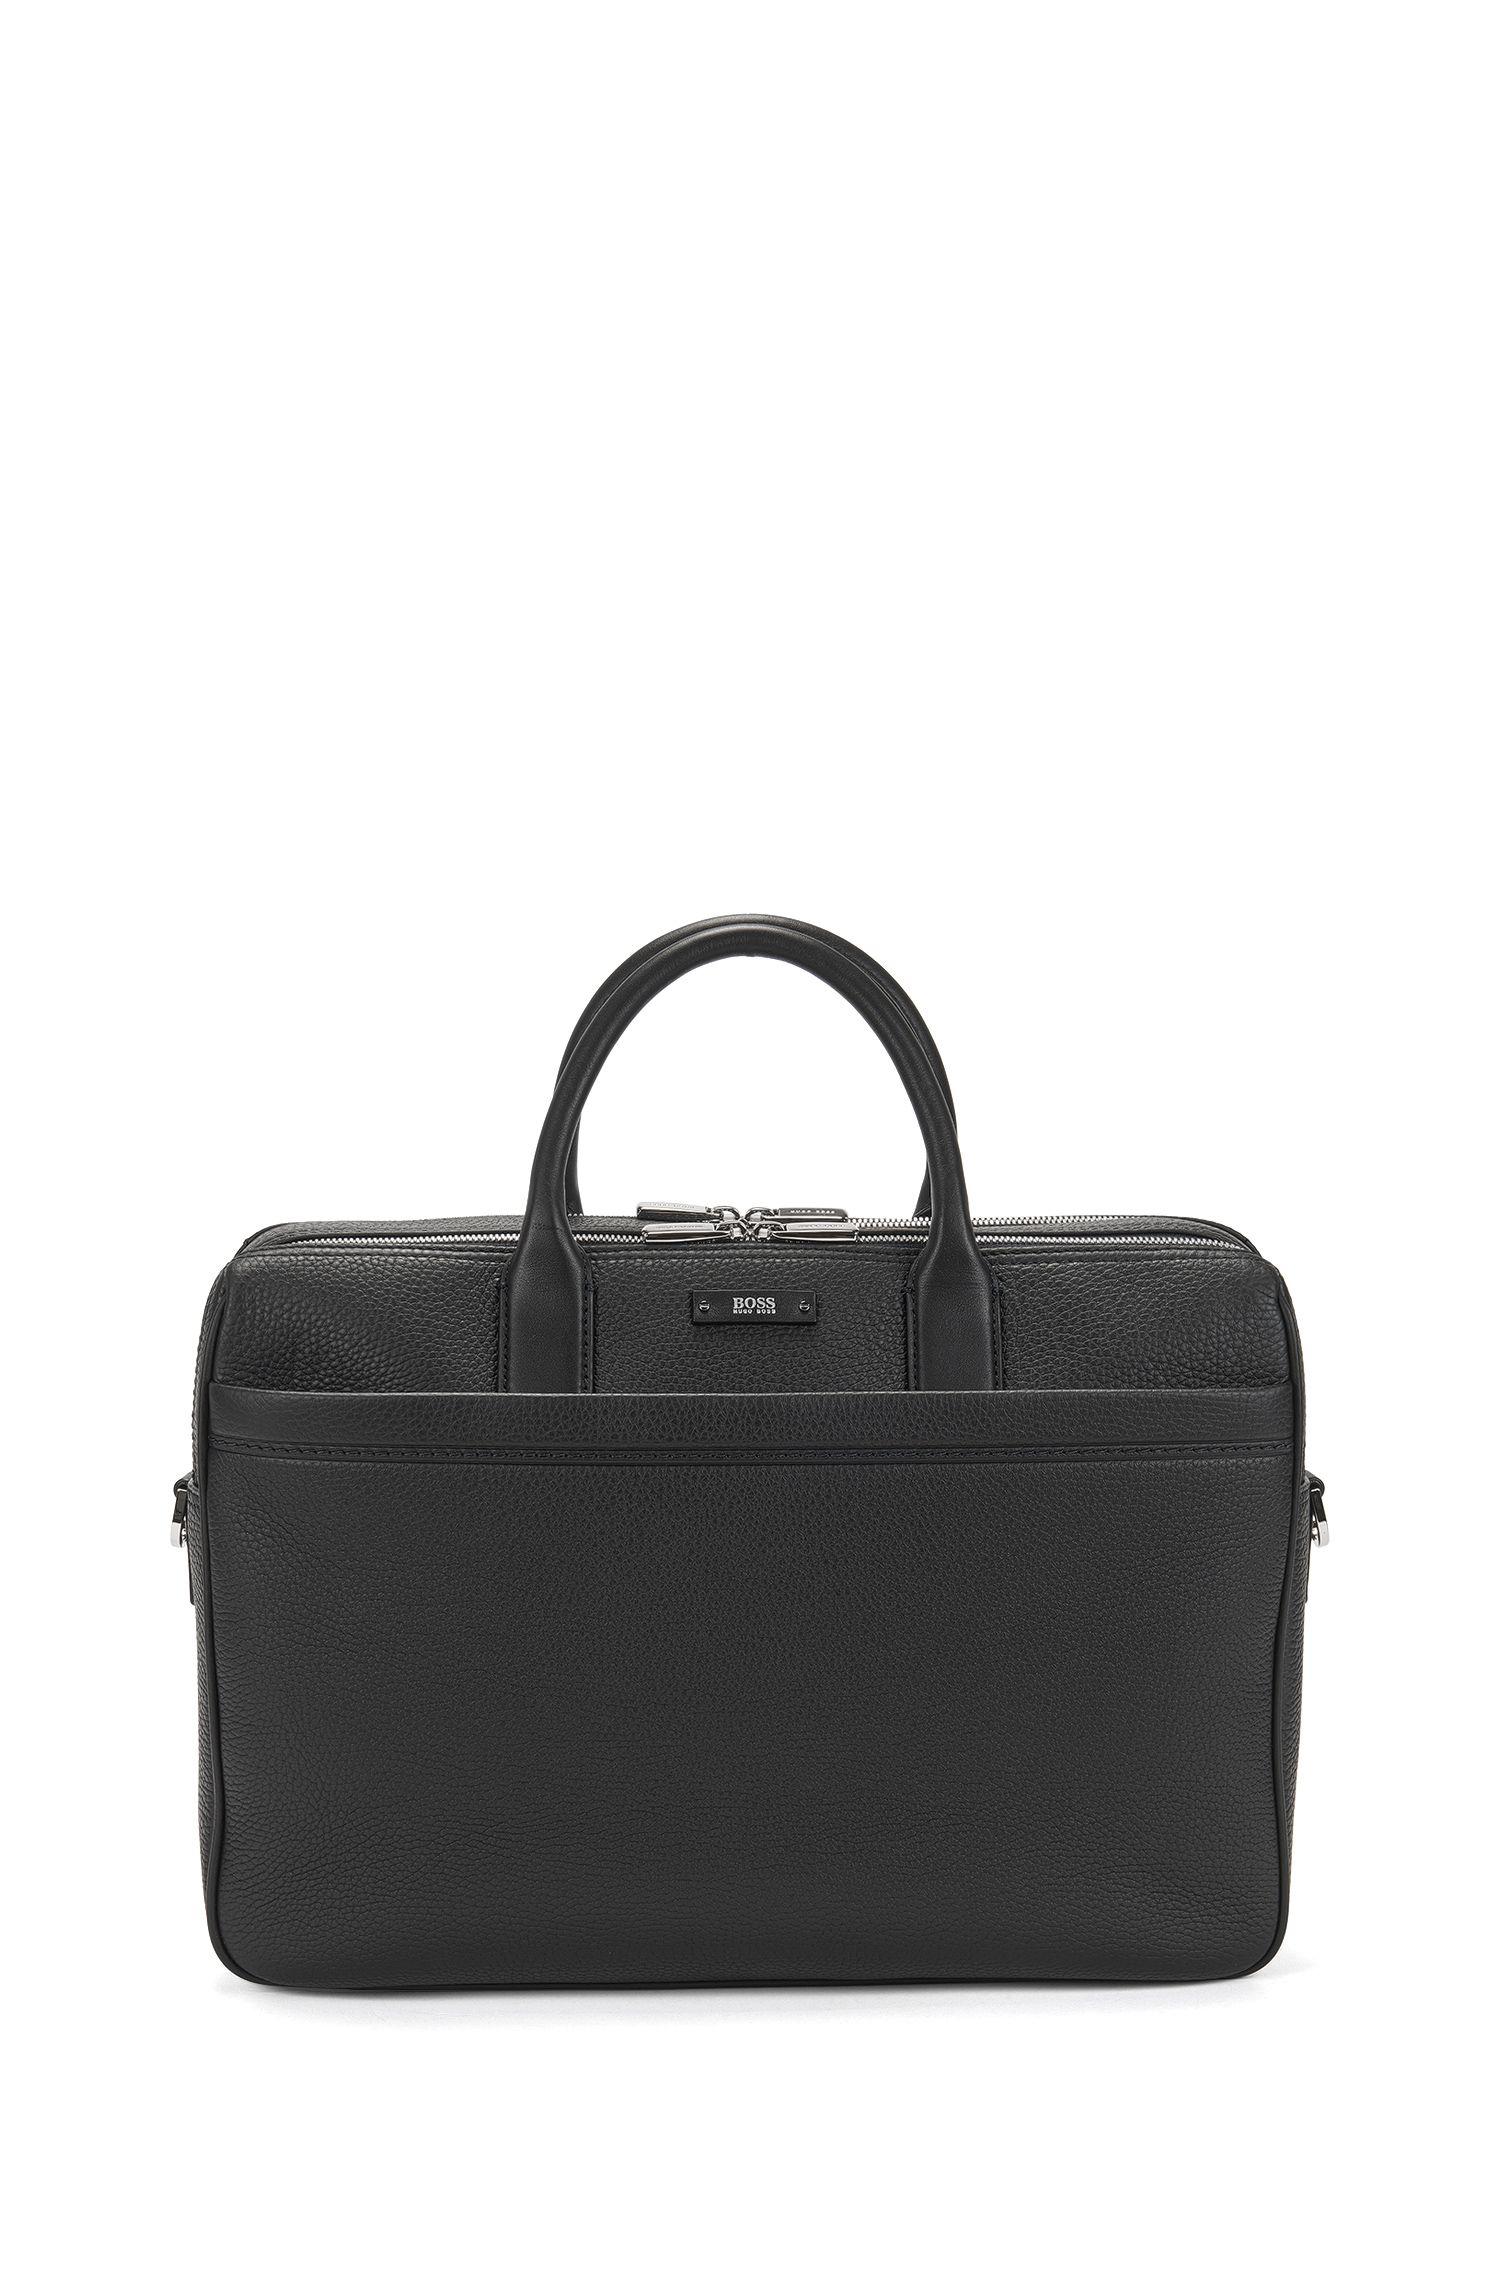 Leather Work Bag | Traveller D Doc